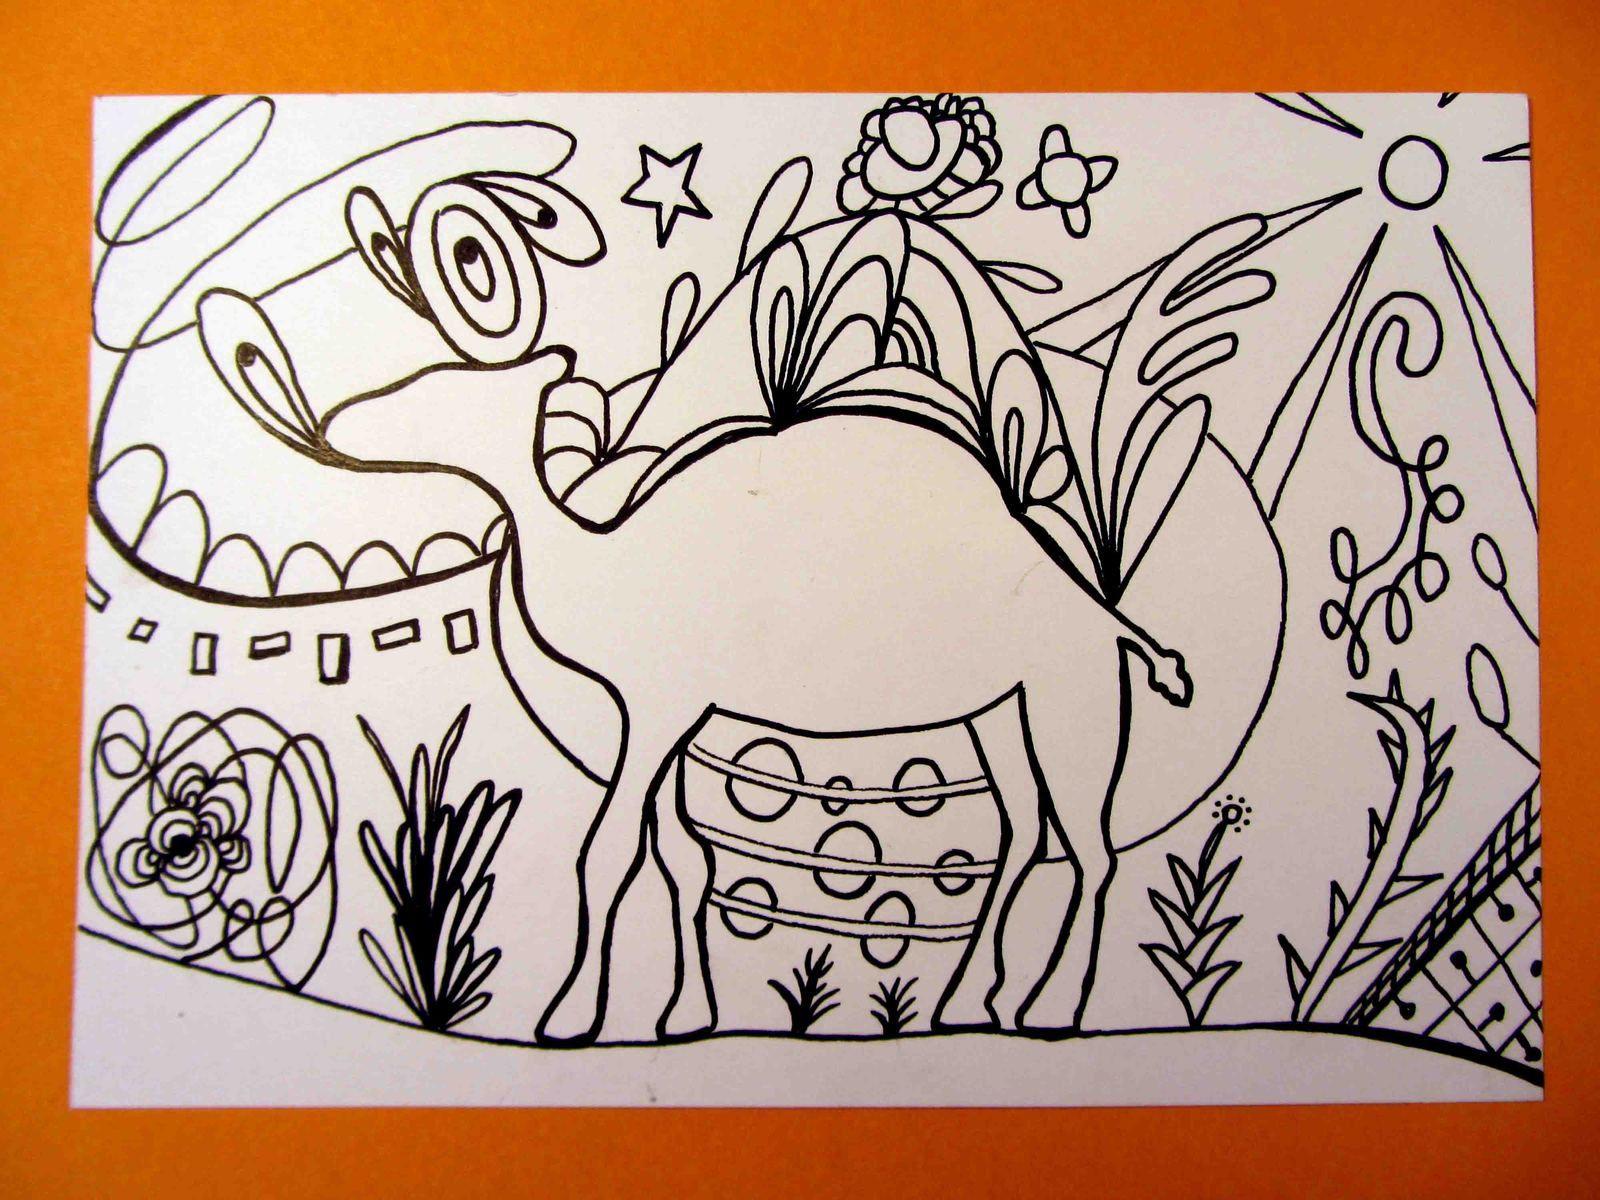 Les beaux dessins... Le graphisme de &quot&#x3B;Fan&quot&#x3B;.